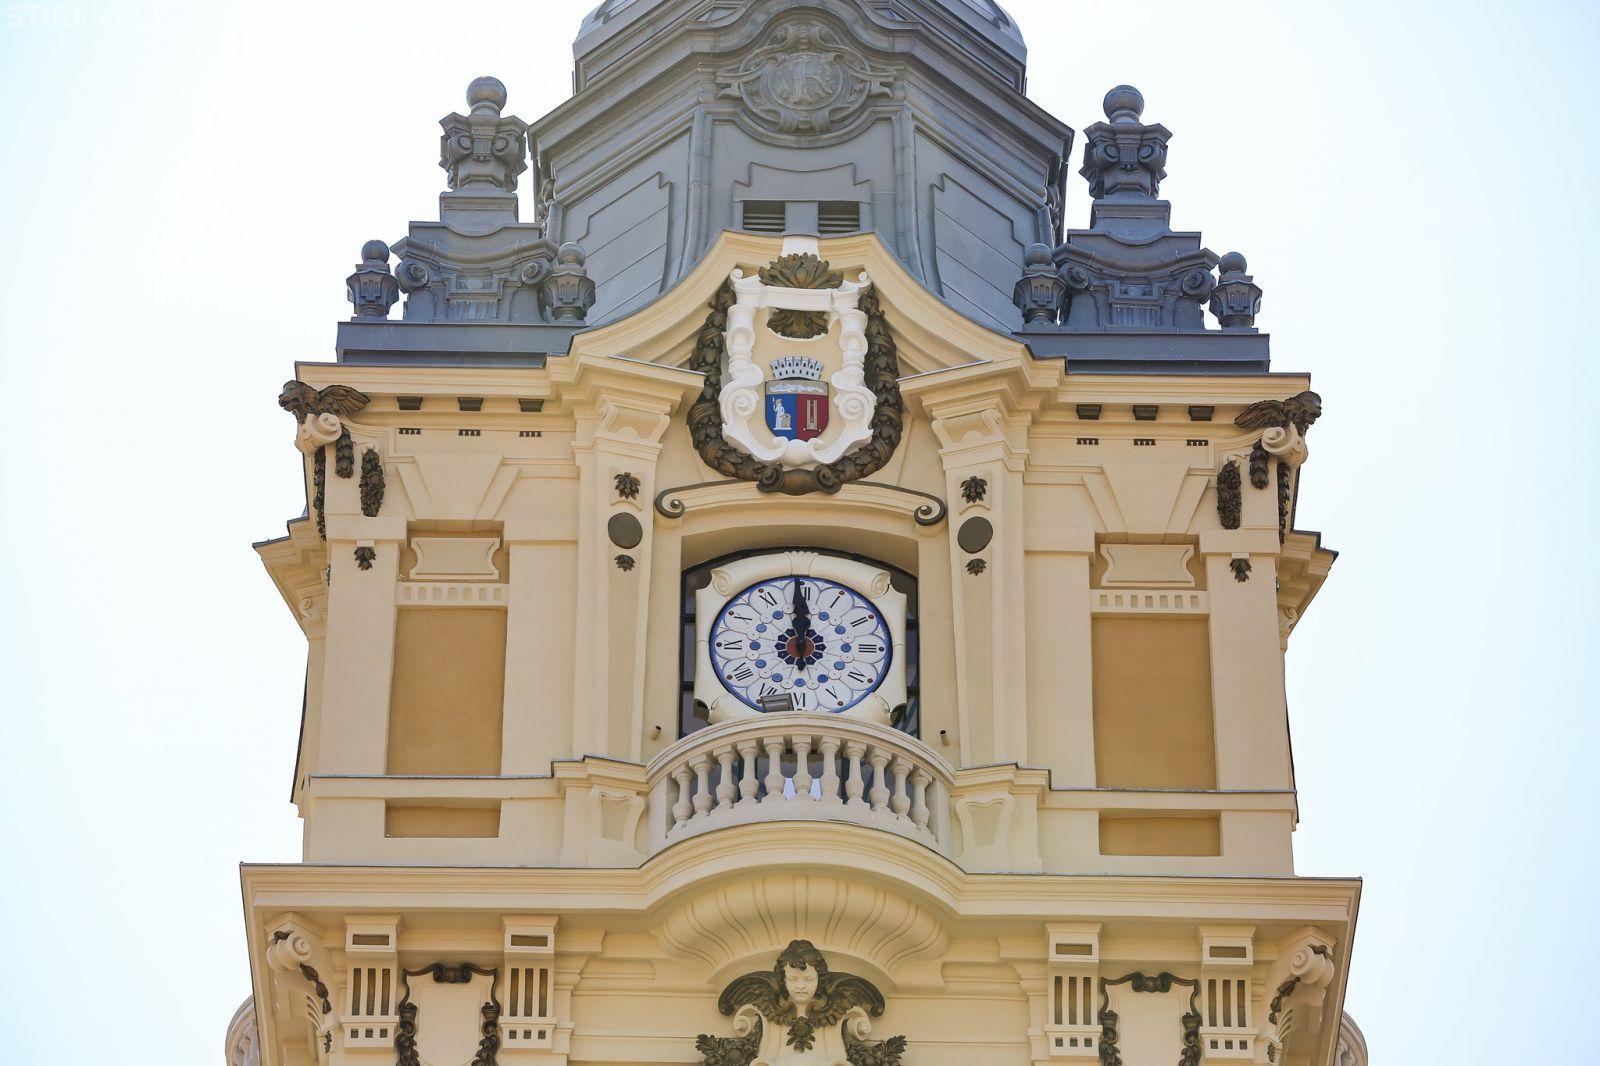 Cluj-Napoca: Imnul Național al României va răsuna din turnul Primăriei